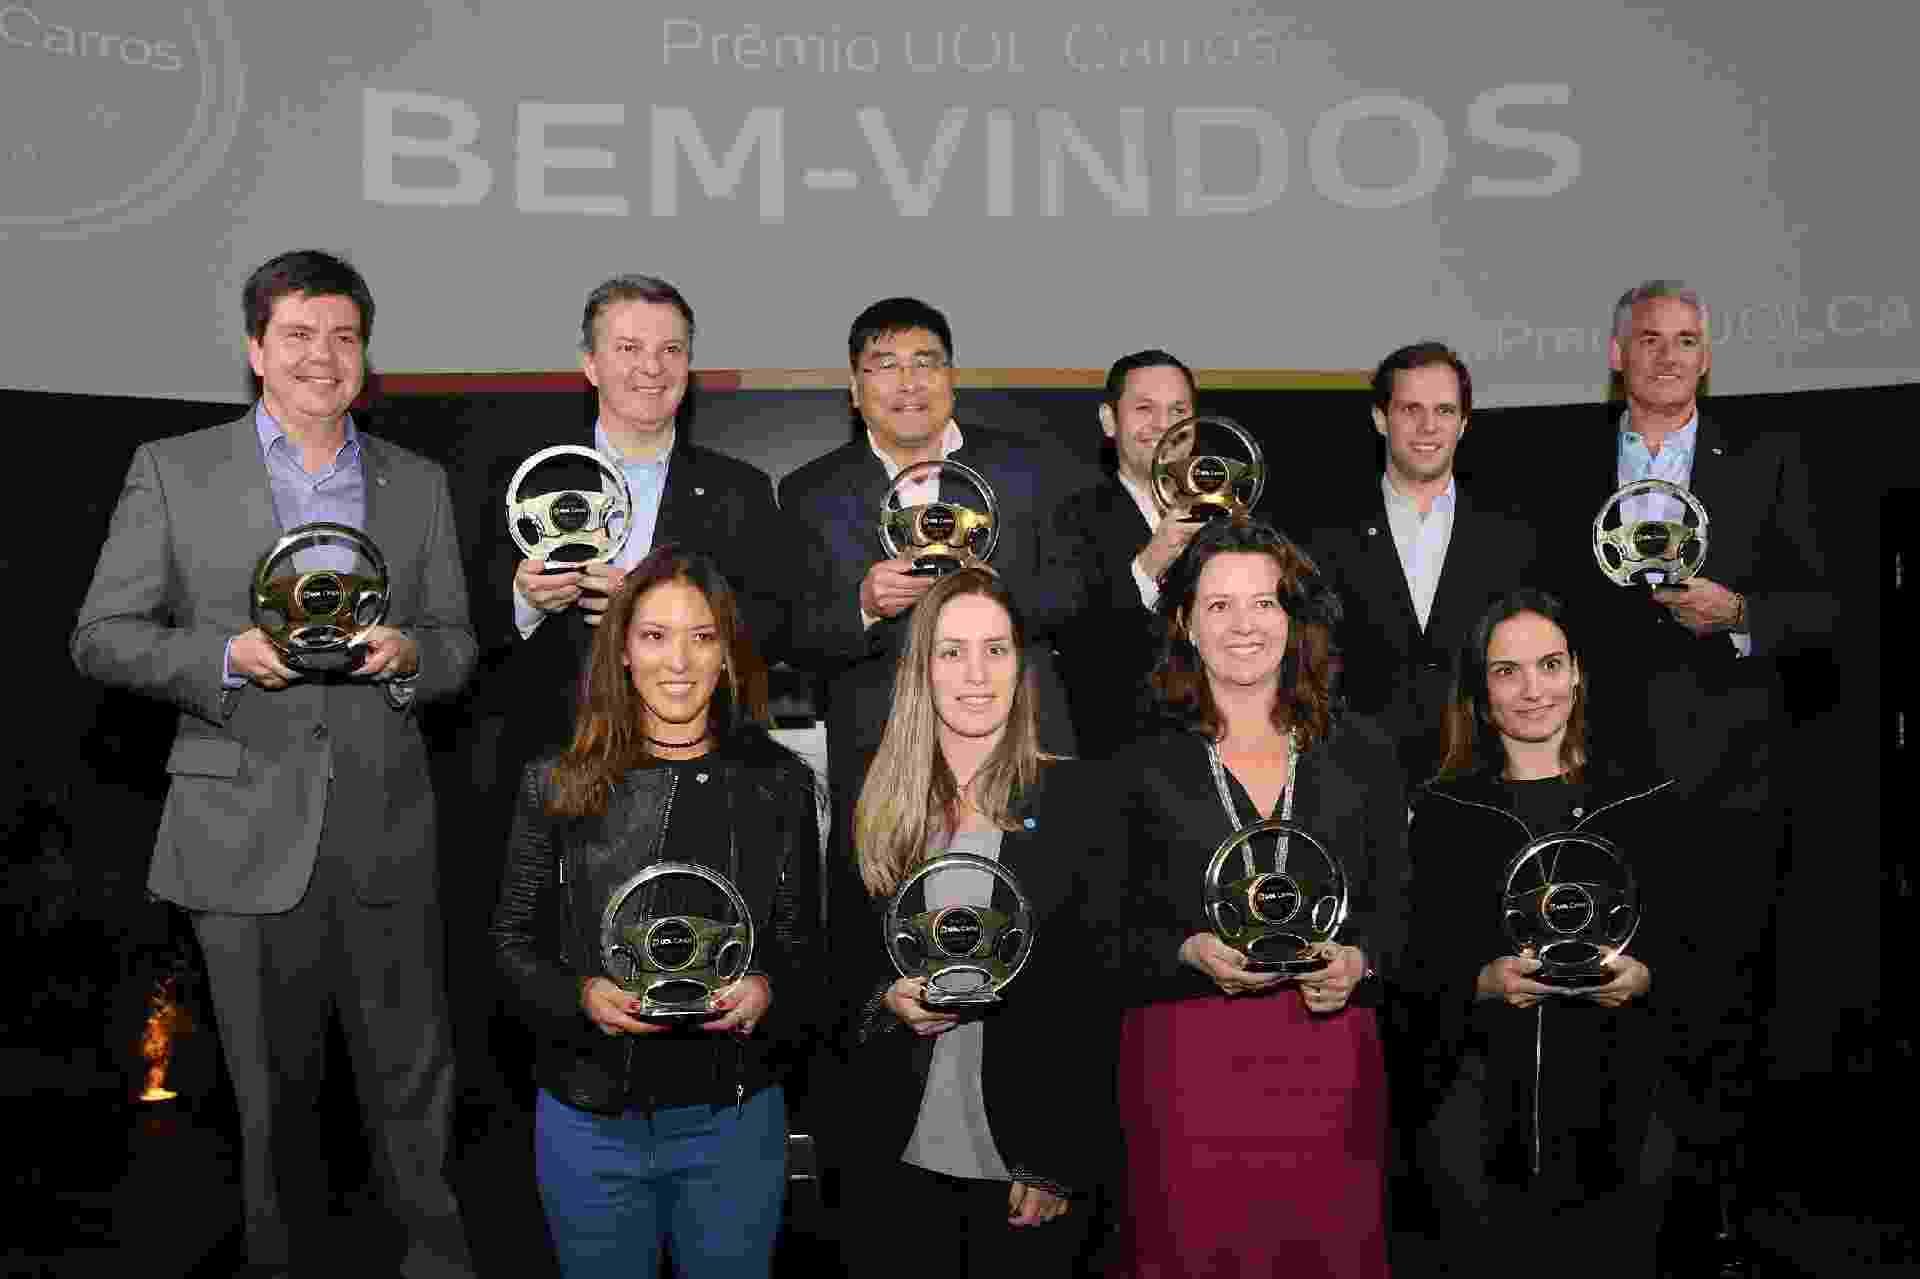 Vencedores Prêmio UOL Carros 2018 palco - Leonardo Gepp/UOL Carros